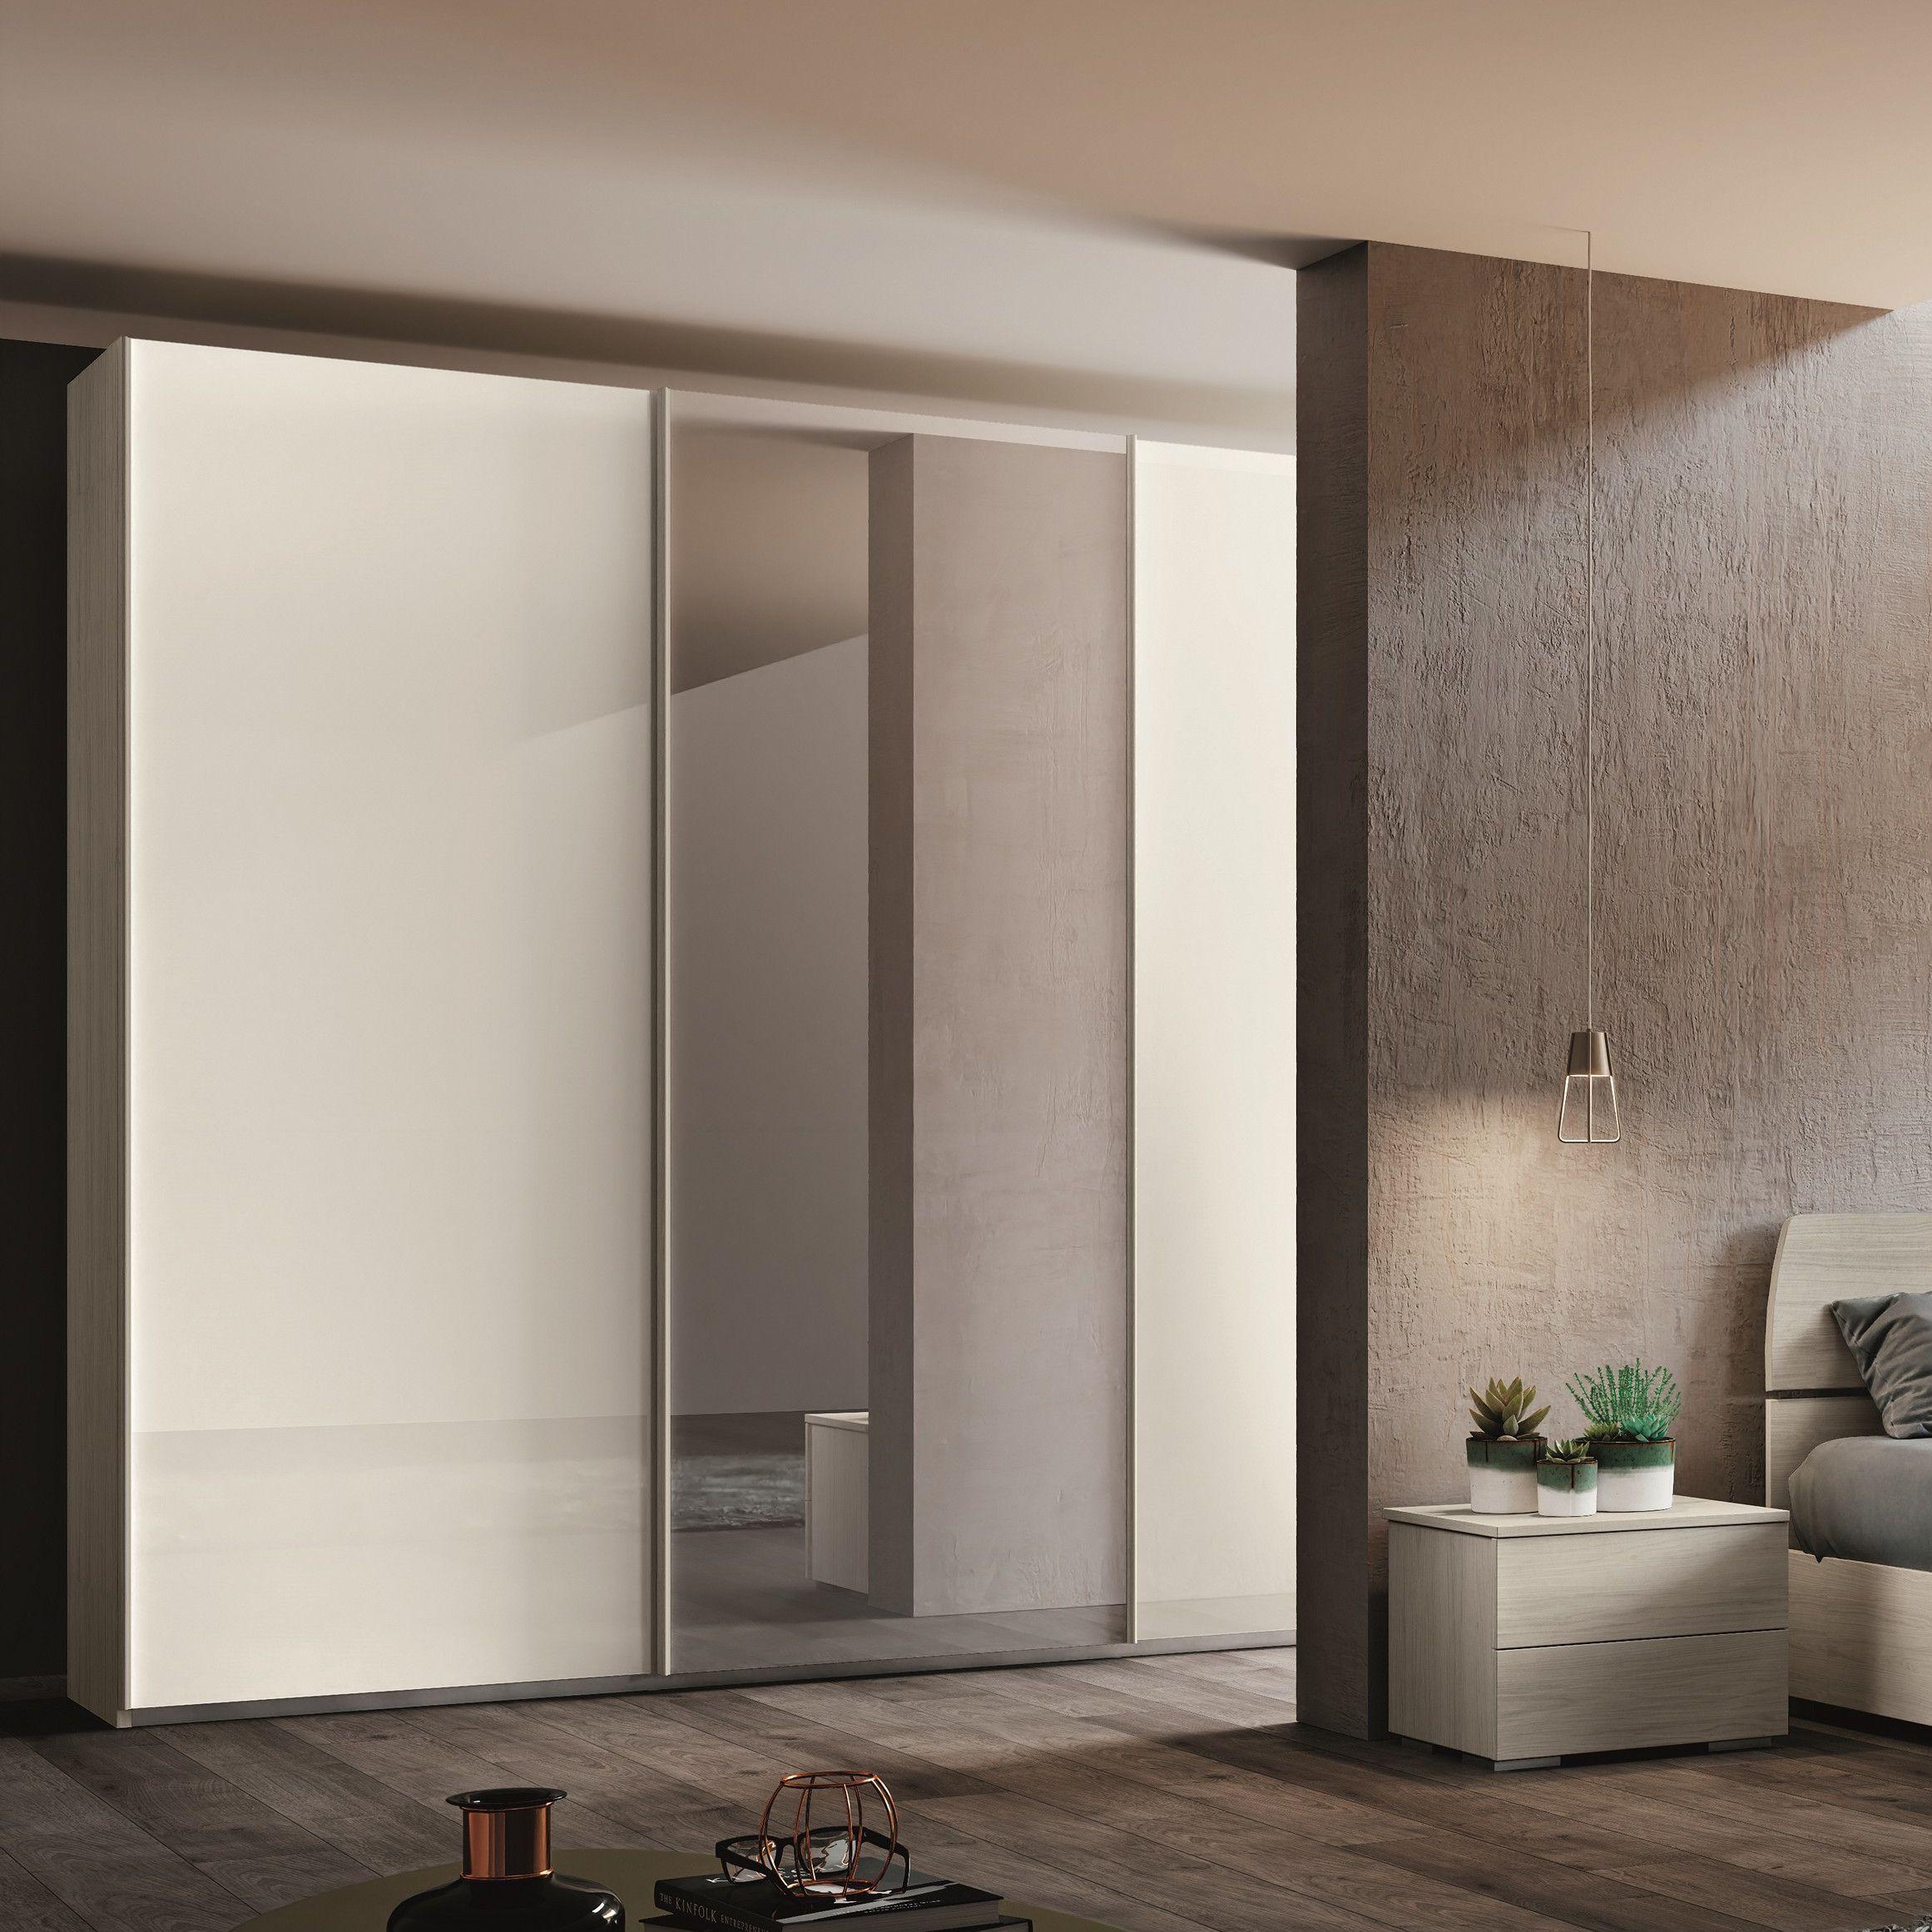 Armadio Specchio 2 Ante.Vendita Mobili Online Armadio Scorrevole Con Specchio Offerte Webarredamenti